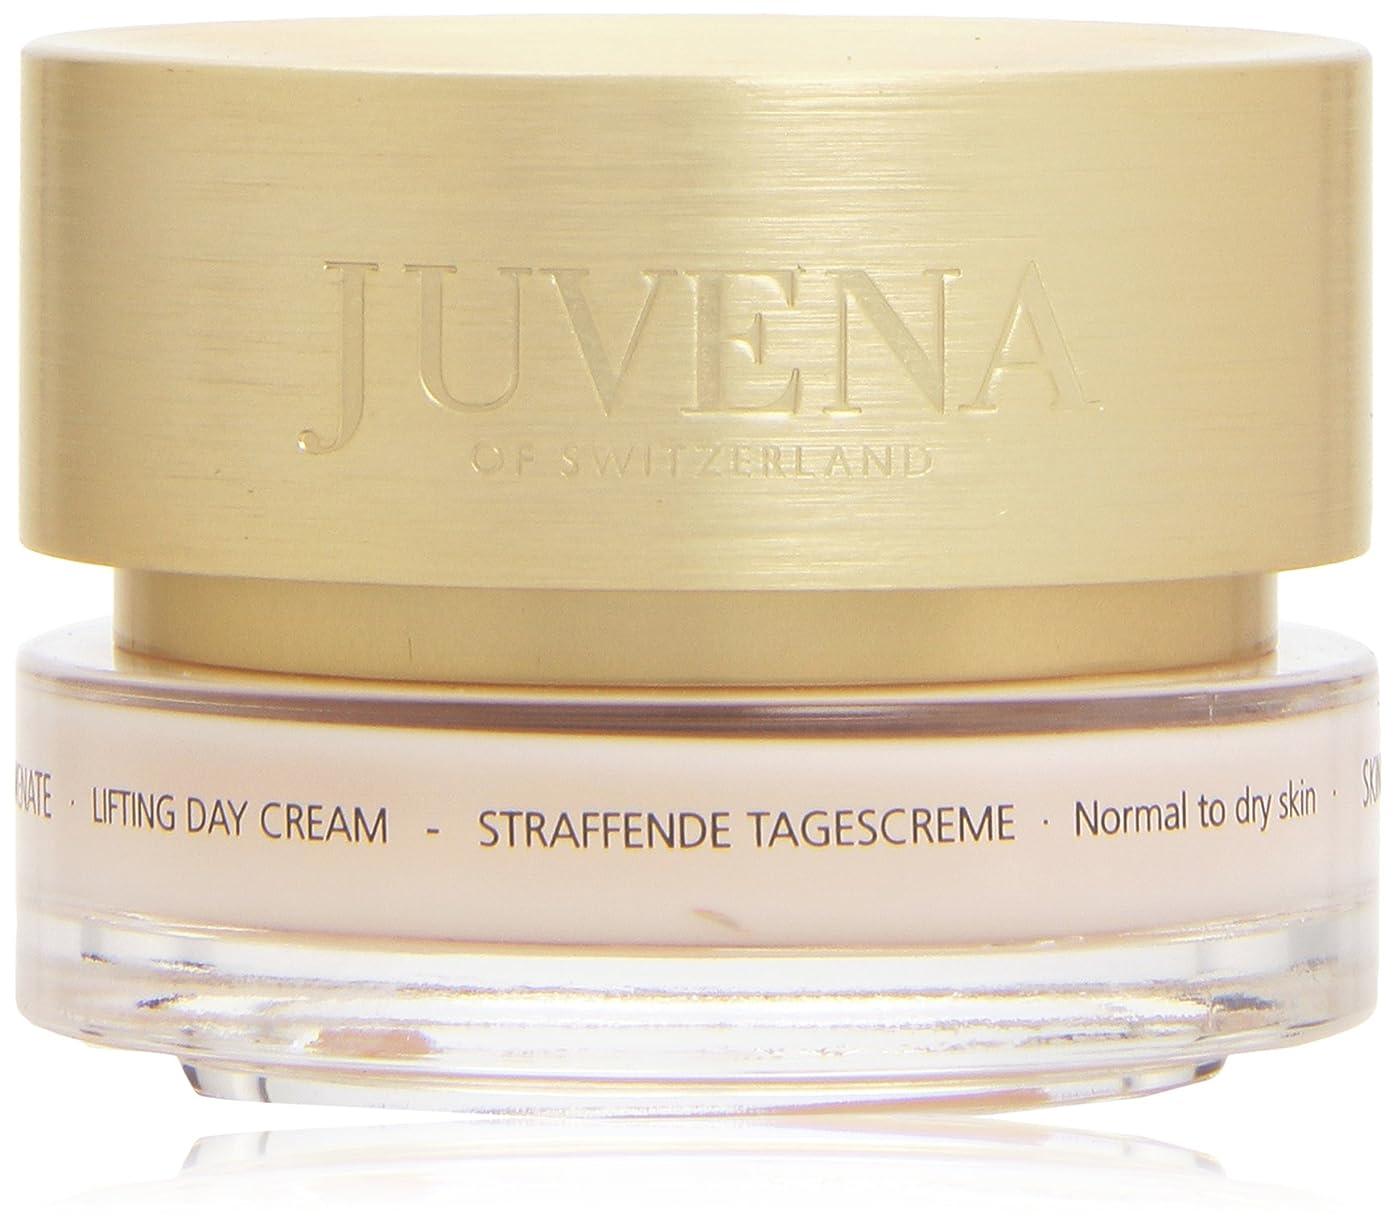 あいまいな哀れなギネスJuvena - ジュベナリフレッシュリフティングクリーム正常な皮膚50ML - 【並行輸入品】